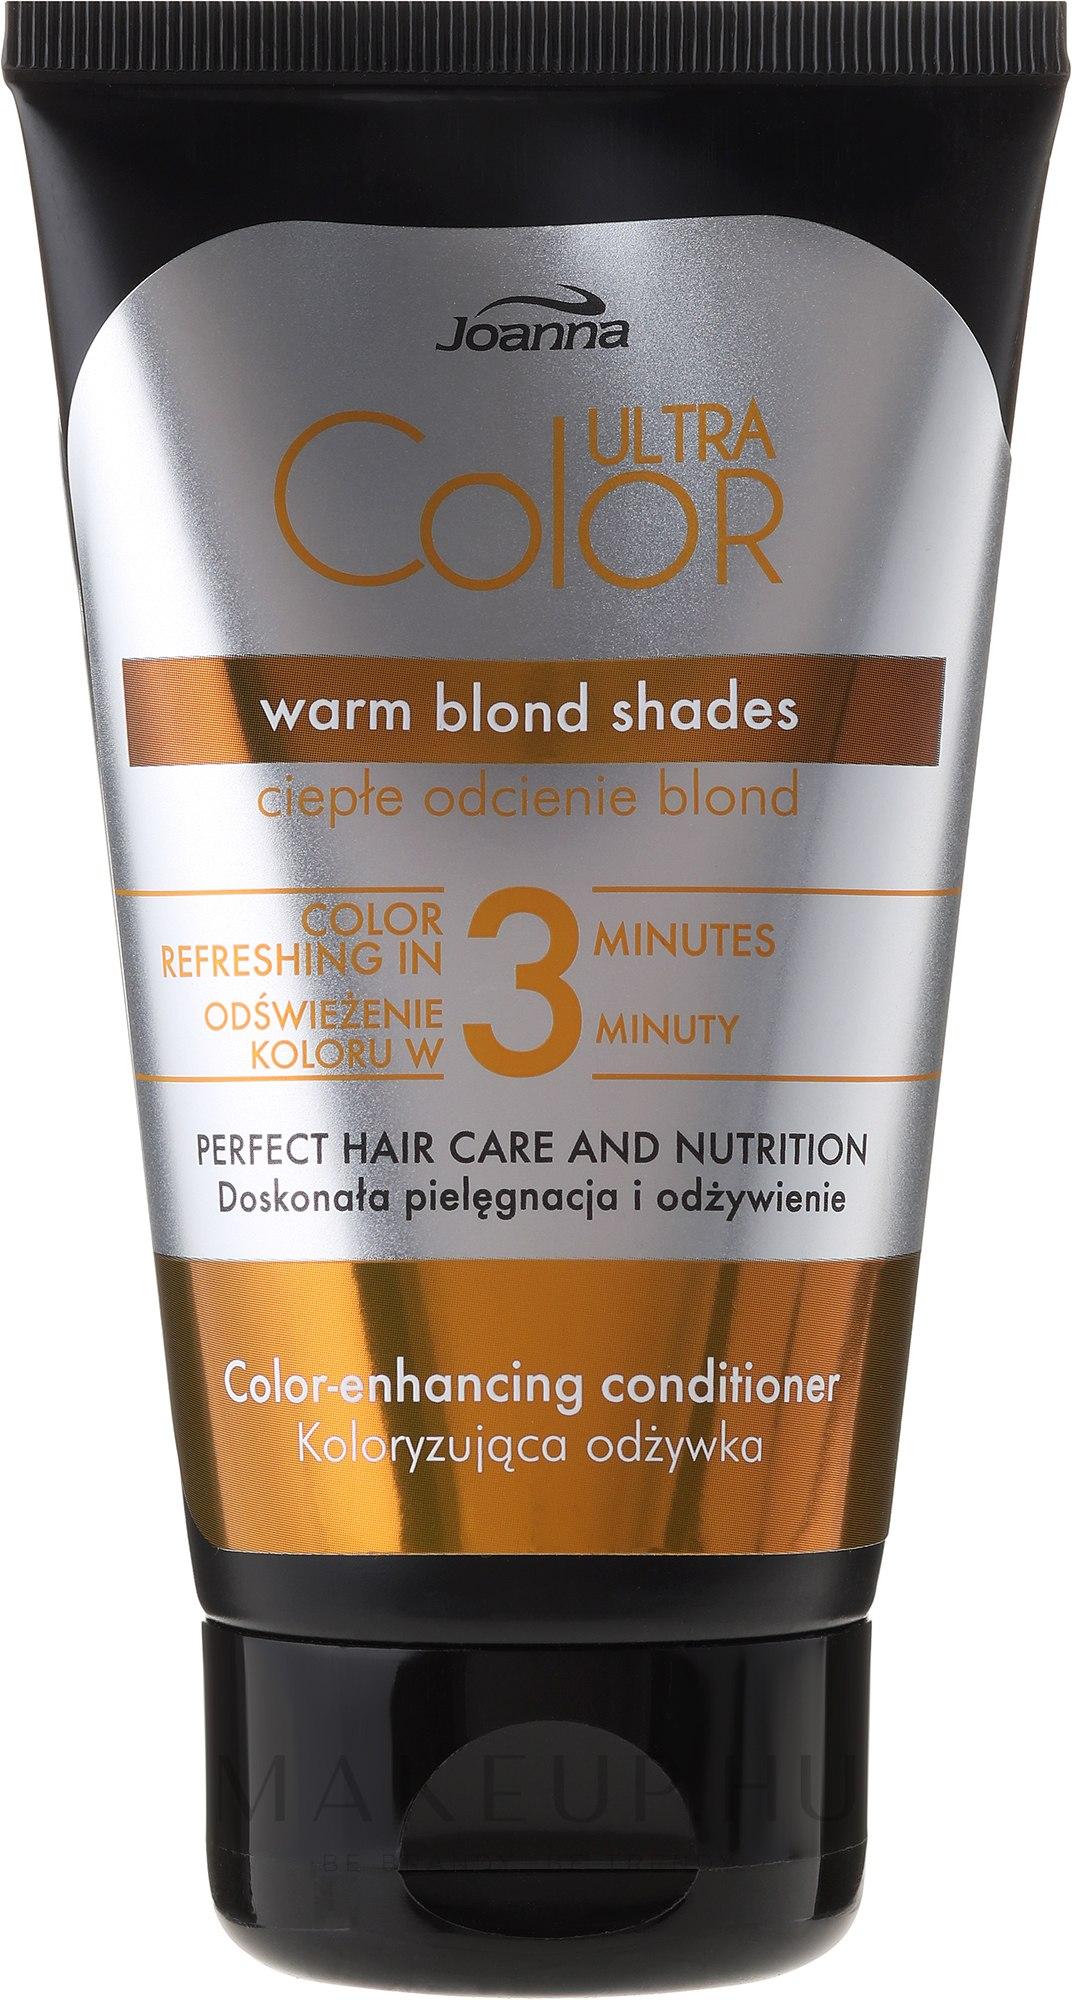 Tonizáló hajkondicionáló - Joanna Ultra Color System Warm Blonde Shades — fotó 100 g